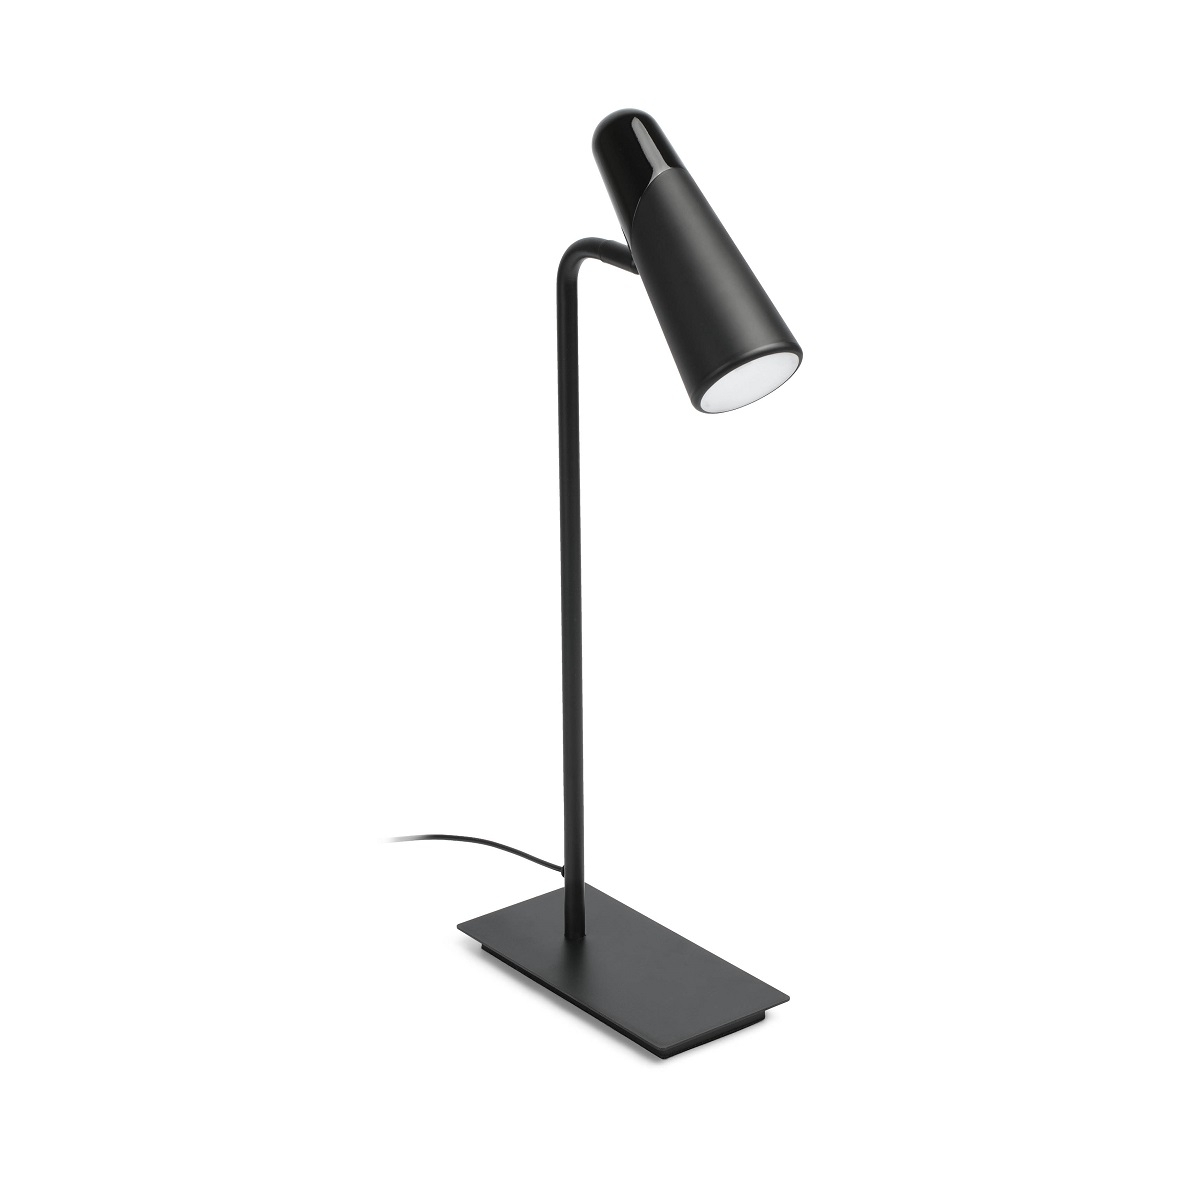 Faro LED Schreibtischleuchte Lao TL, Schwarz, 29047 | Lampen > Bürolampen > Schreibtischlampen | Schwarz